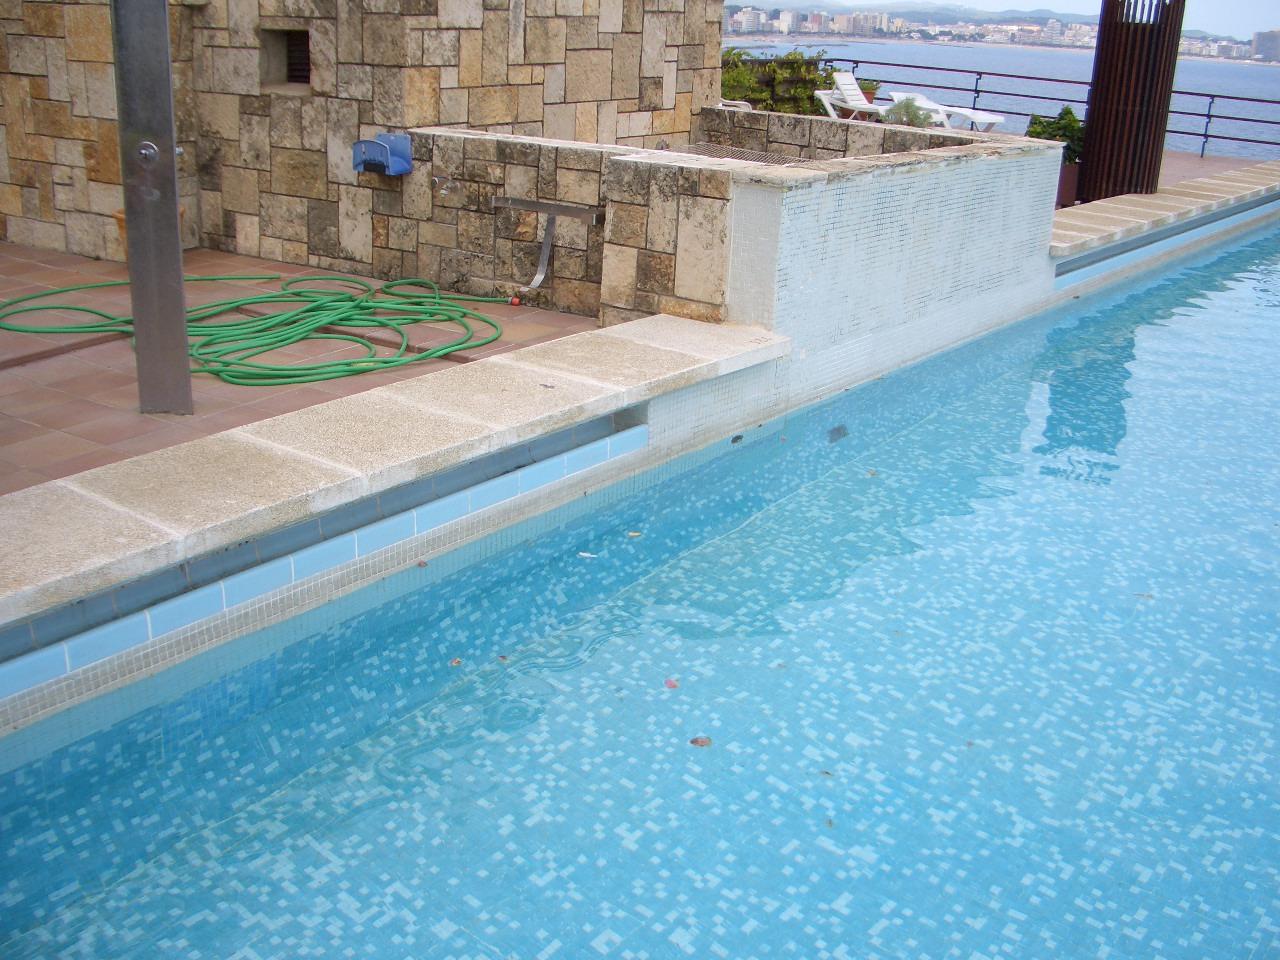 Accesorios reindesa mantenimiento de piscinas for Accesorios para piscinas